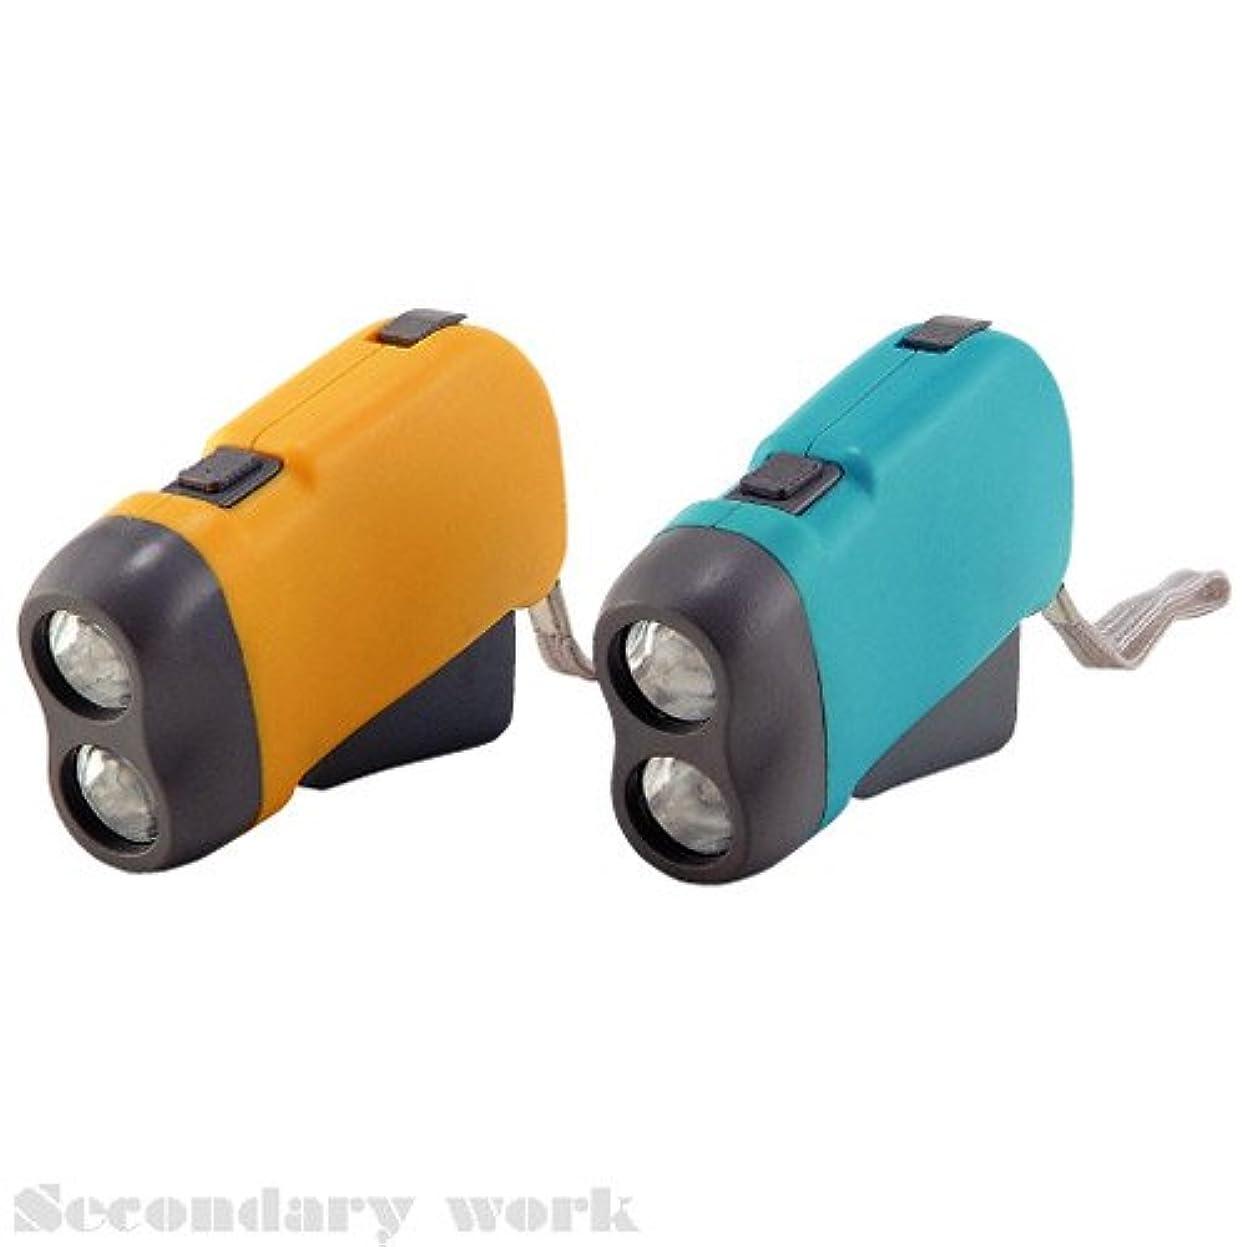 繊維独立した動機付けるダイナモライト【まとめ割:販促ダイレクトデリバリー】25個<片手で発電ハンドルを繰り返しにぎると発電できるライトです。>2色取り混ぜ(色柄指定不可)